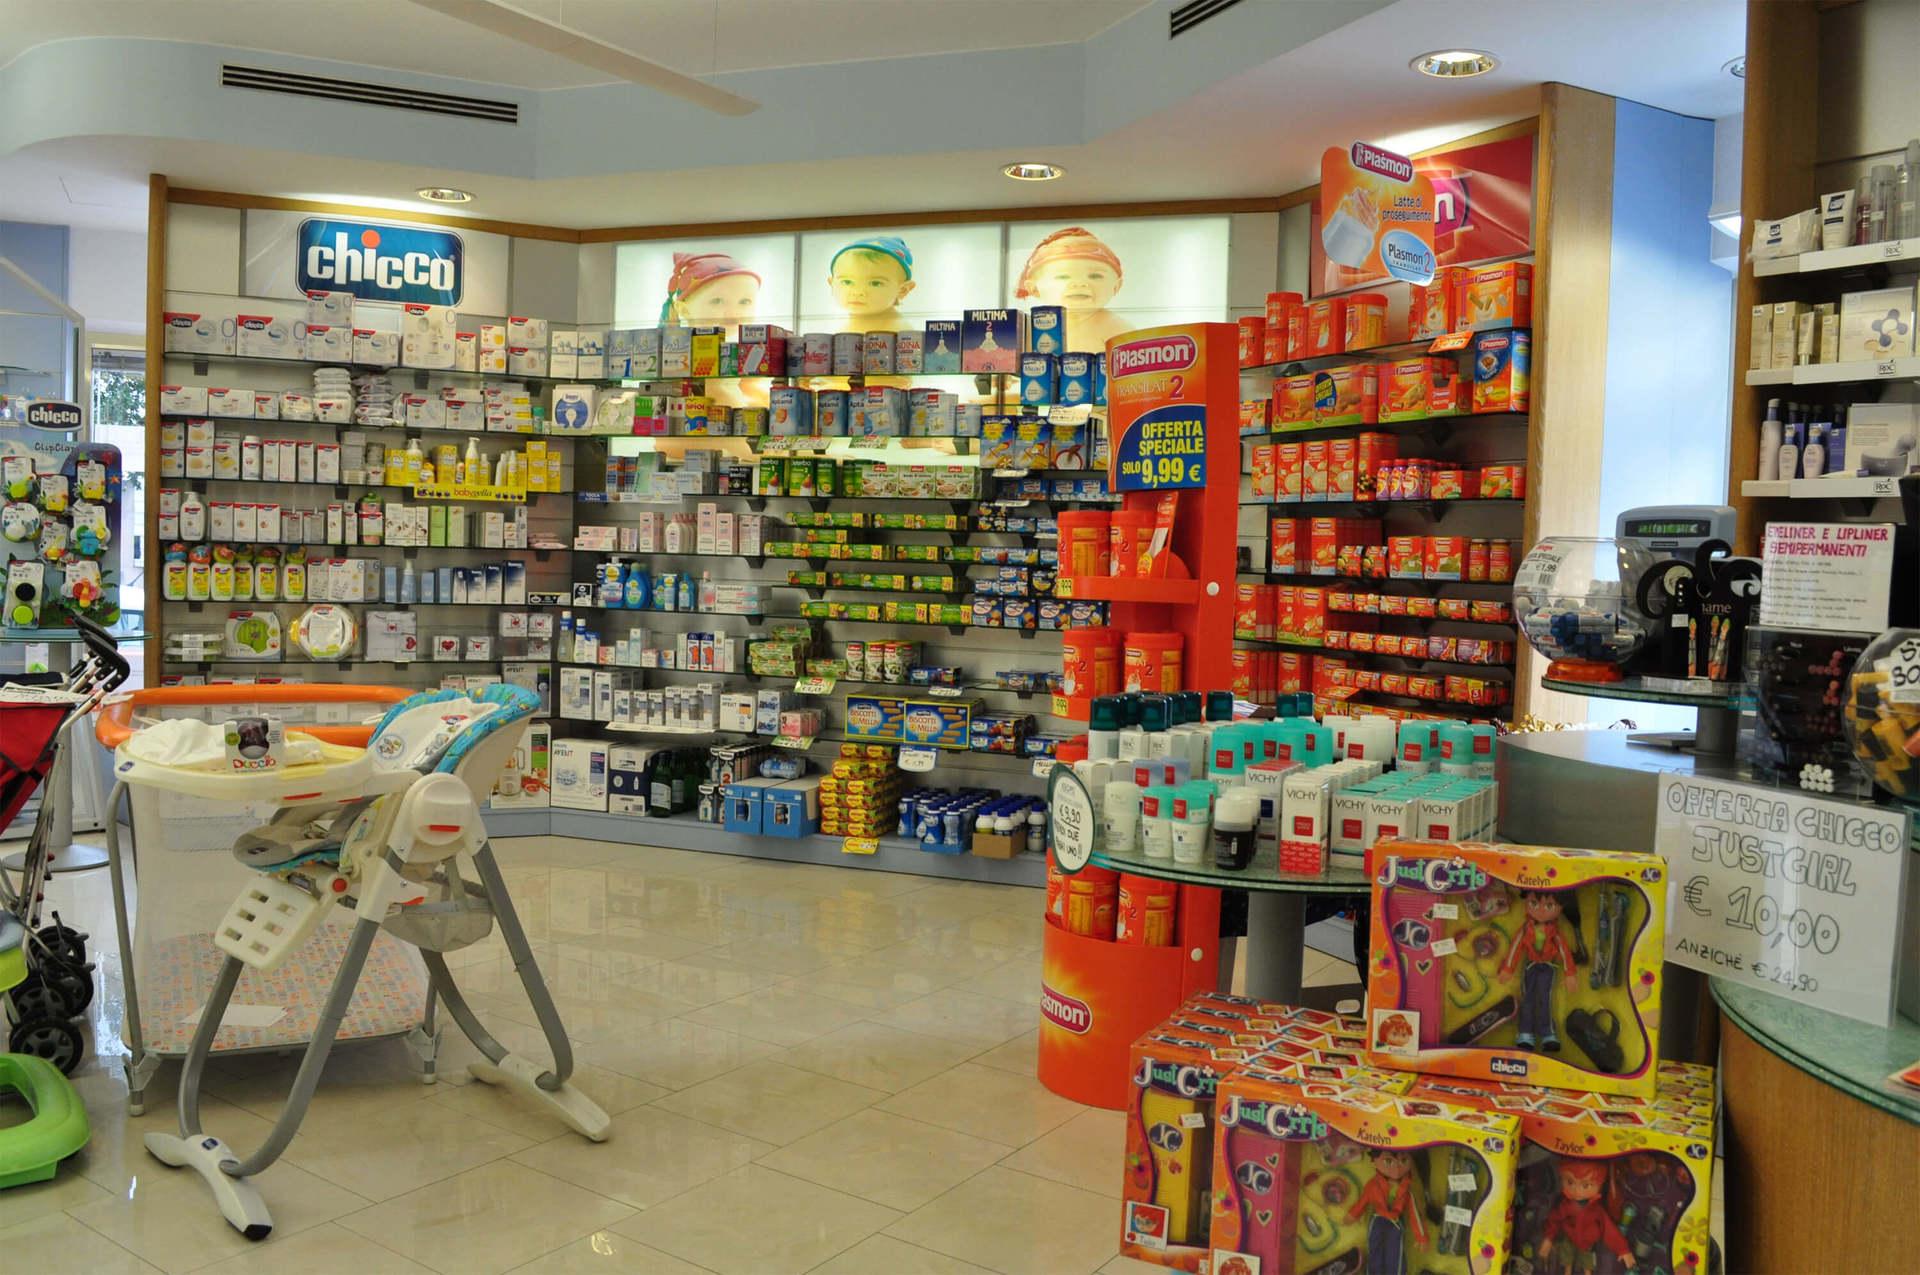 interno di una farmacia con vista degli scaffali con prodotti